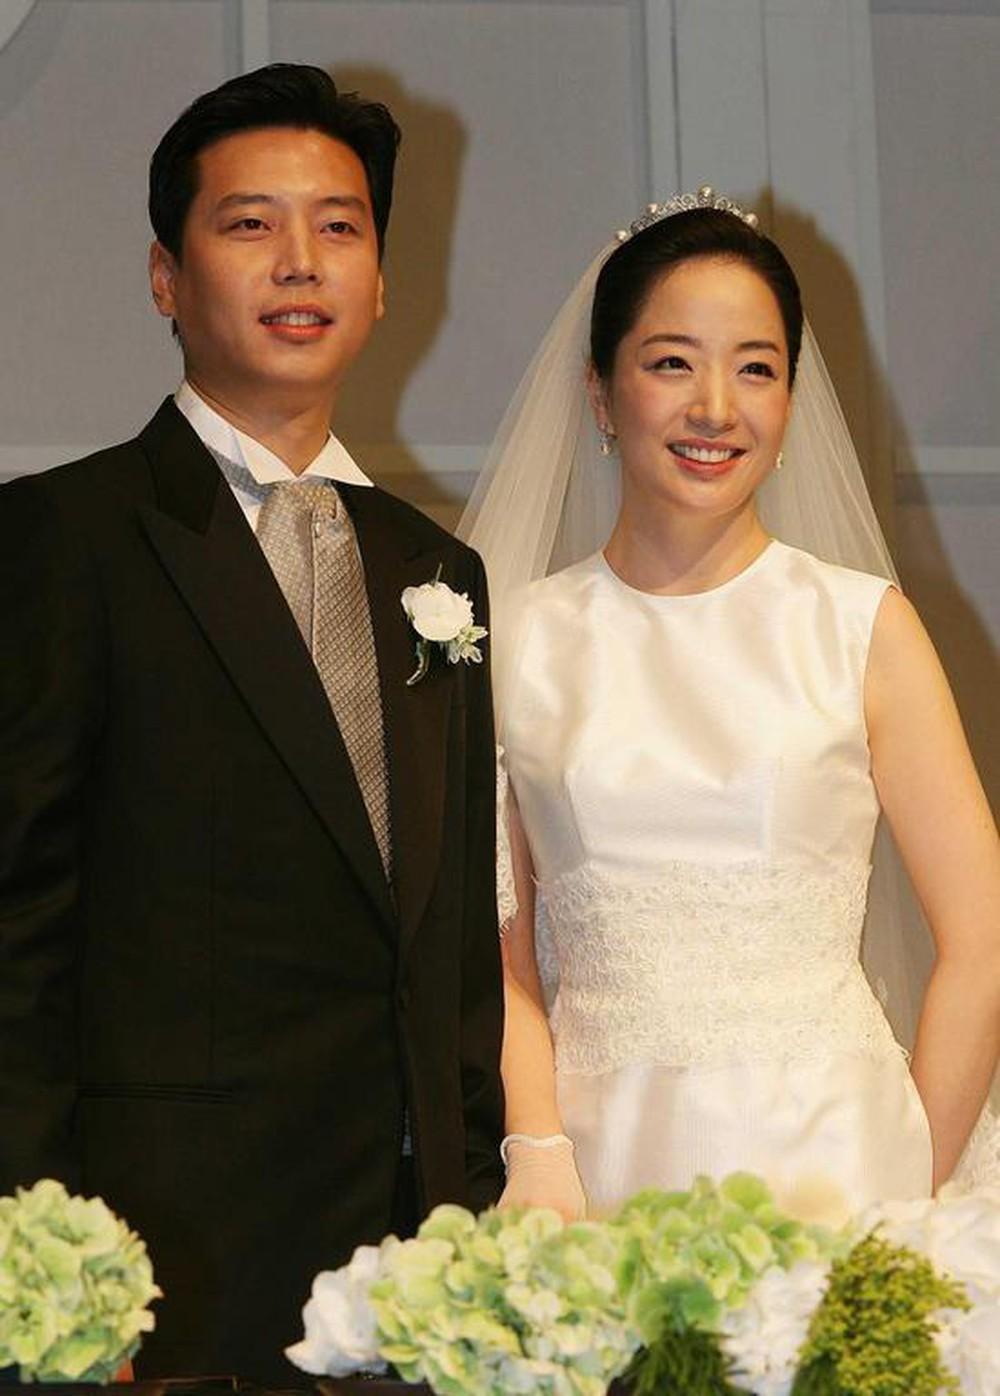 Cuộc sống làm dâu của sao nữ châu Á lấy nhà tài phiệt lừng danh: Đầy thị phi, đáng bội phục nhất là người cuối - Ảnh 5.